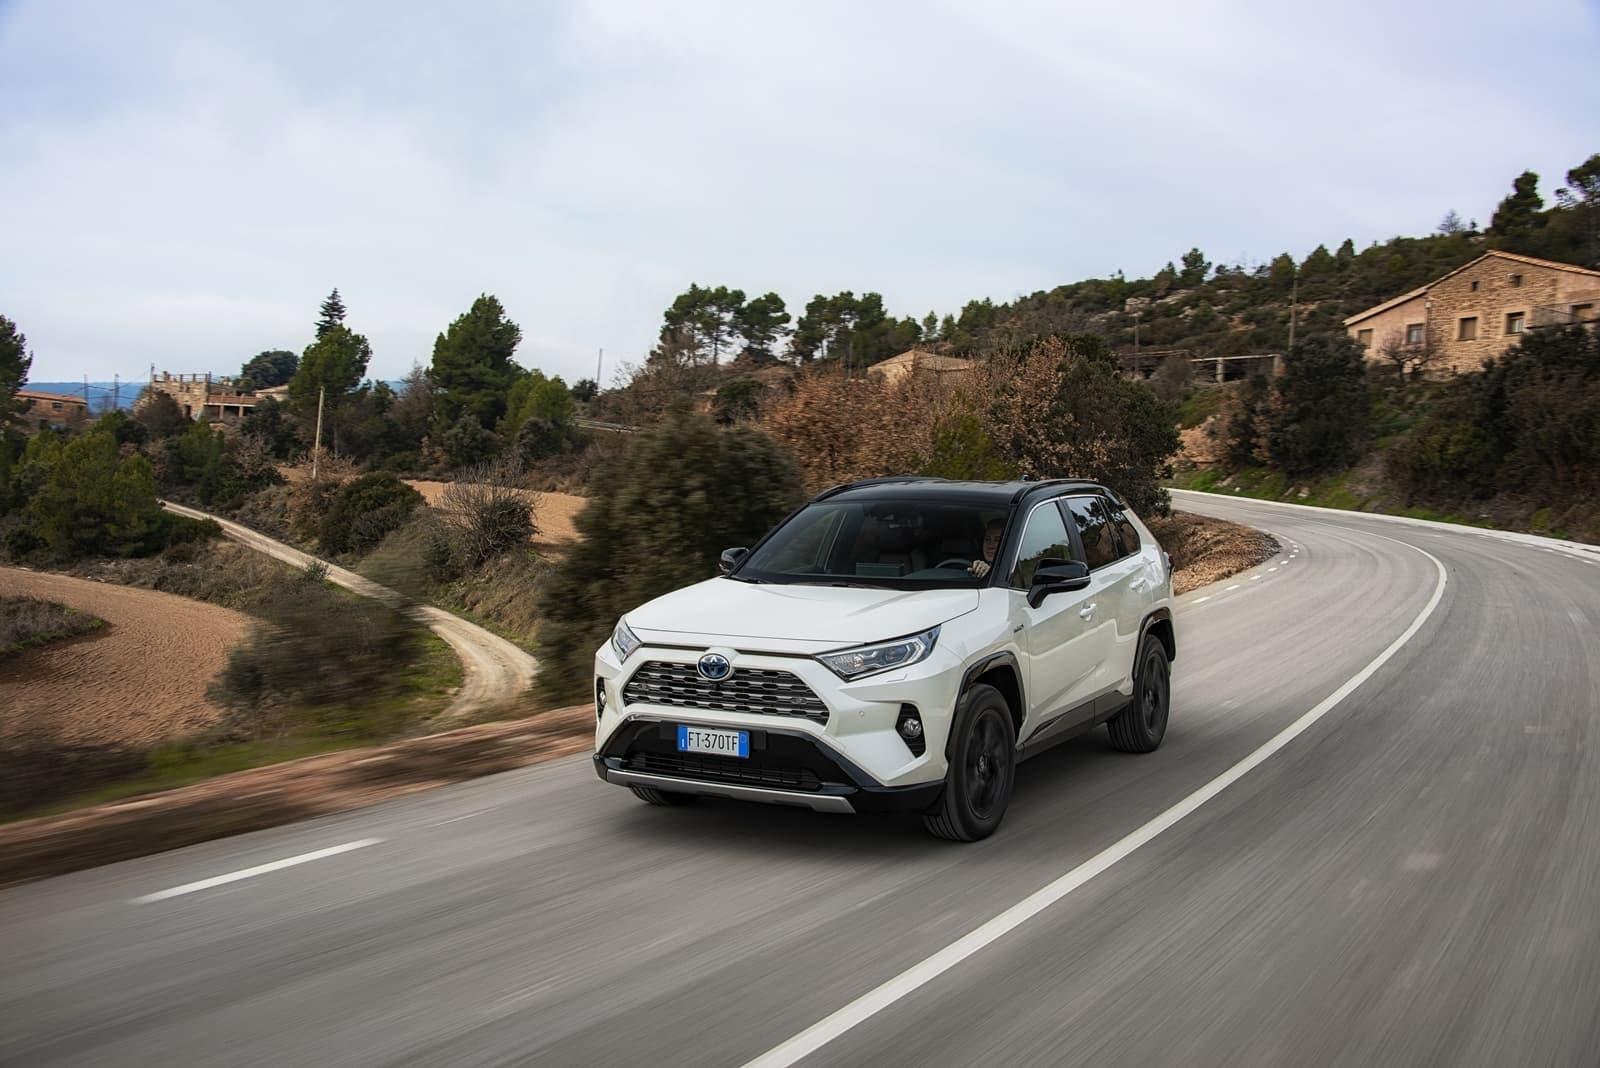 Toyota Rav4 2019 0119 063